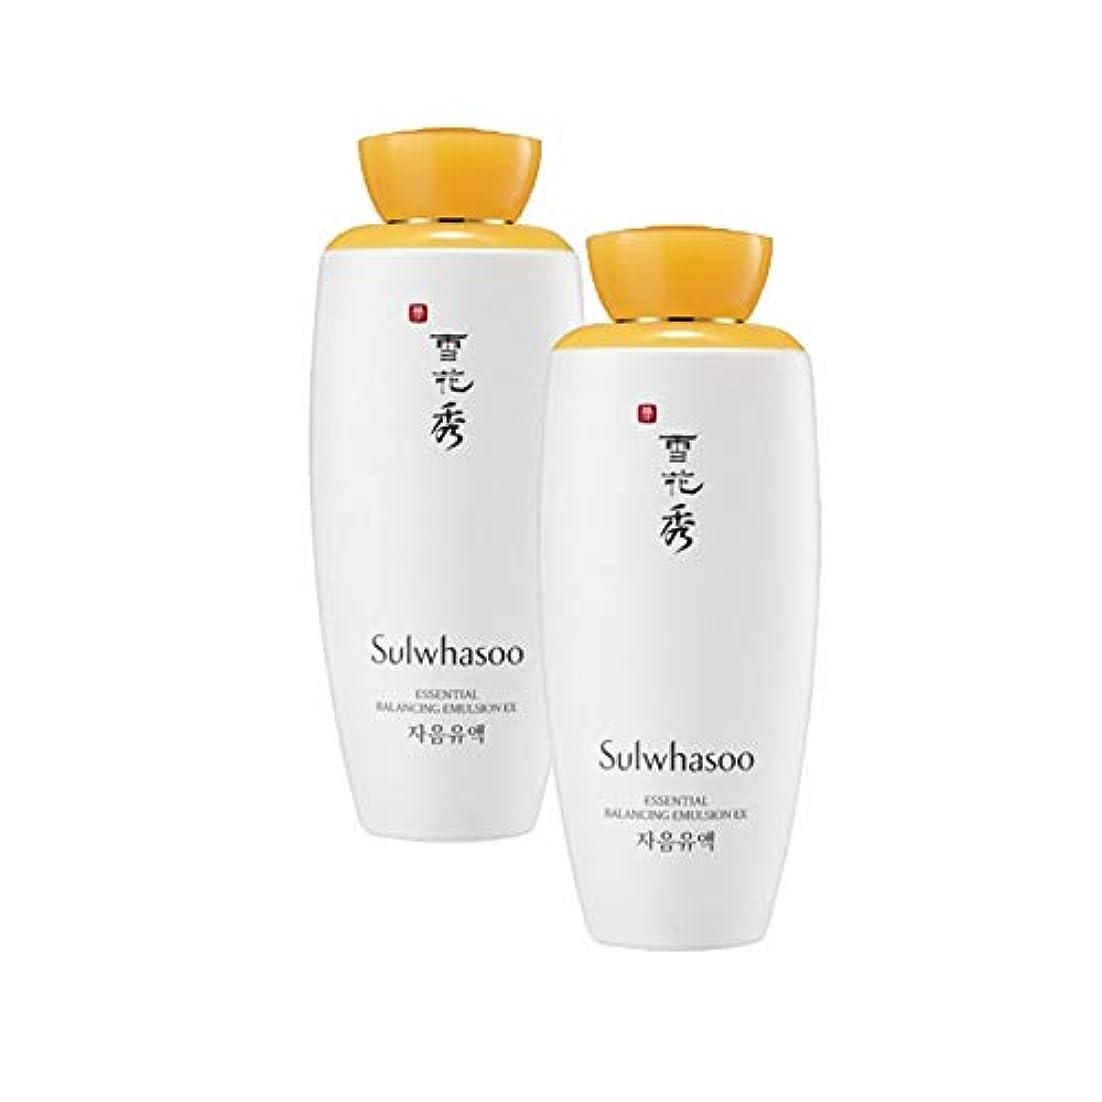 効果的に代わりにを立てるそう雪花秀エッセンシャルバランシングエマルジョンEX 125mlx2本セット韓国コスメ、Sulwhasoo Essential Balancing Emulsion EX 125ml x 2ea Set Korean Cosmetics...